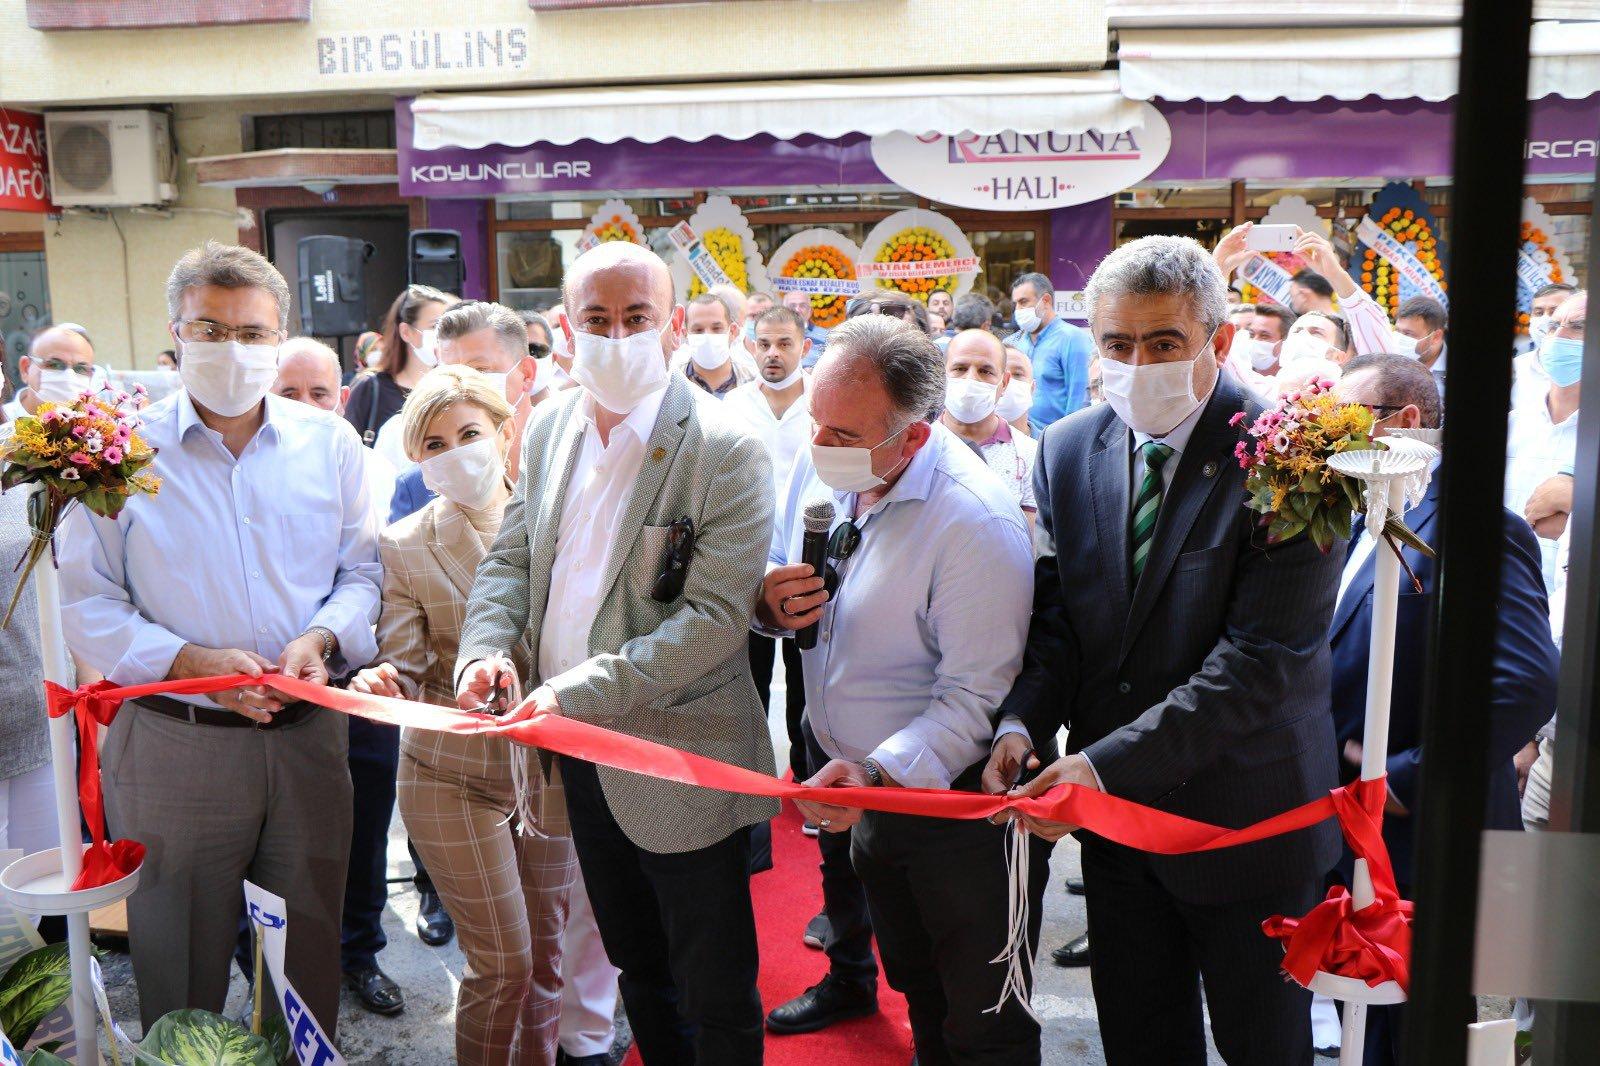 AYTO 8. Meslek Komitesi Başkanımız L.Ebru Bircan Batur'a ait Bircan Mobilya'nın açılışı gerçekleştirildi